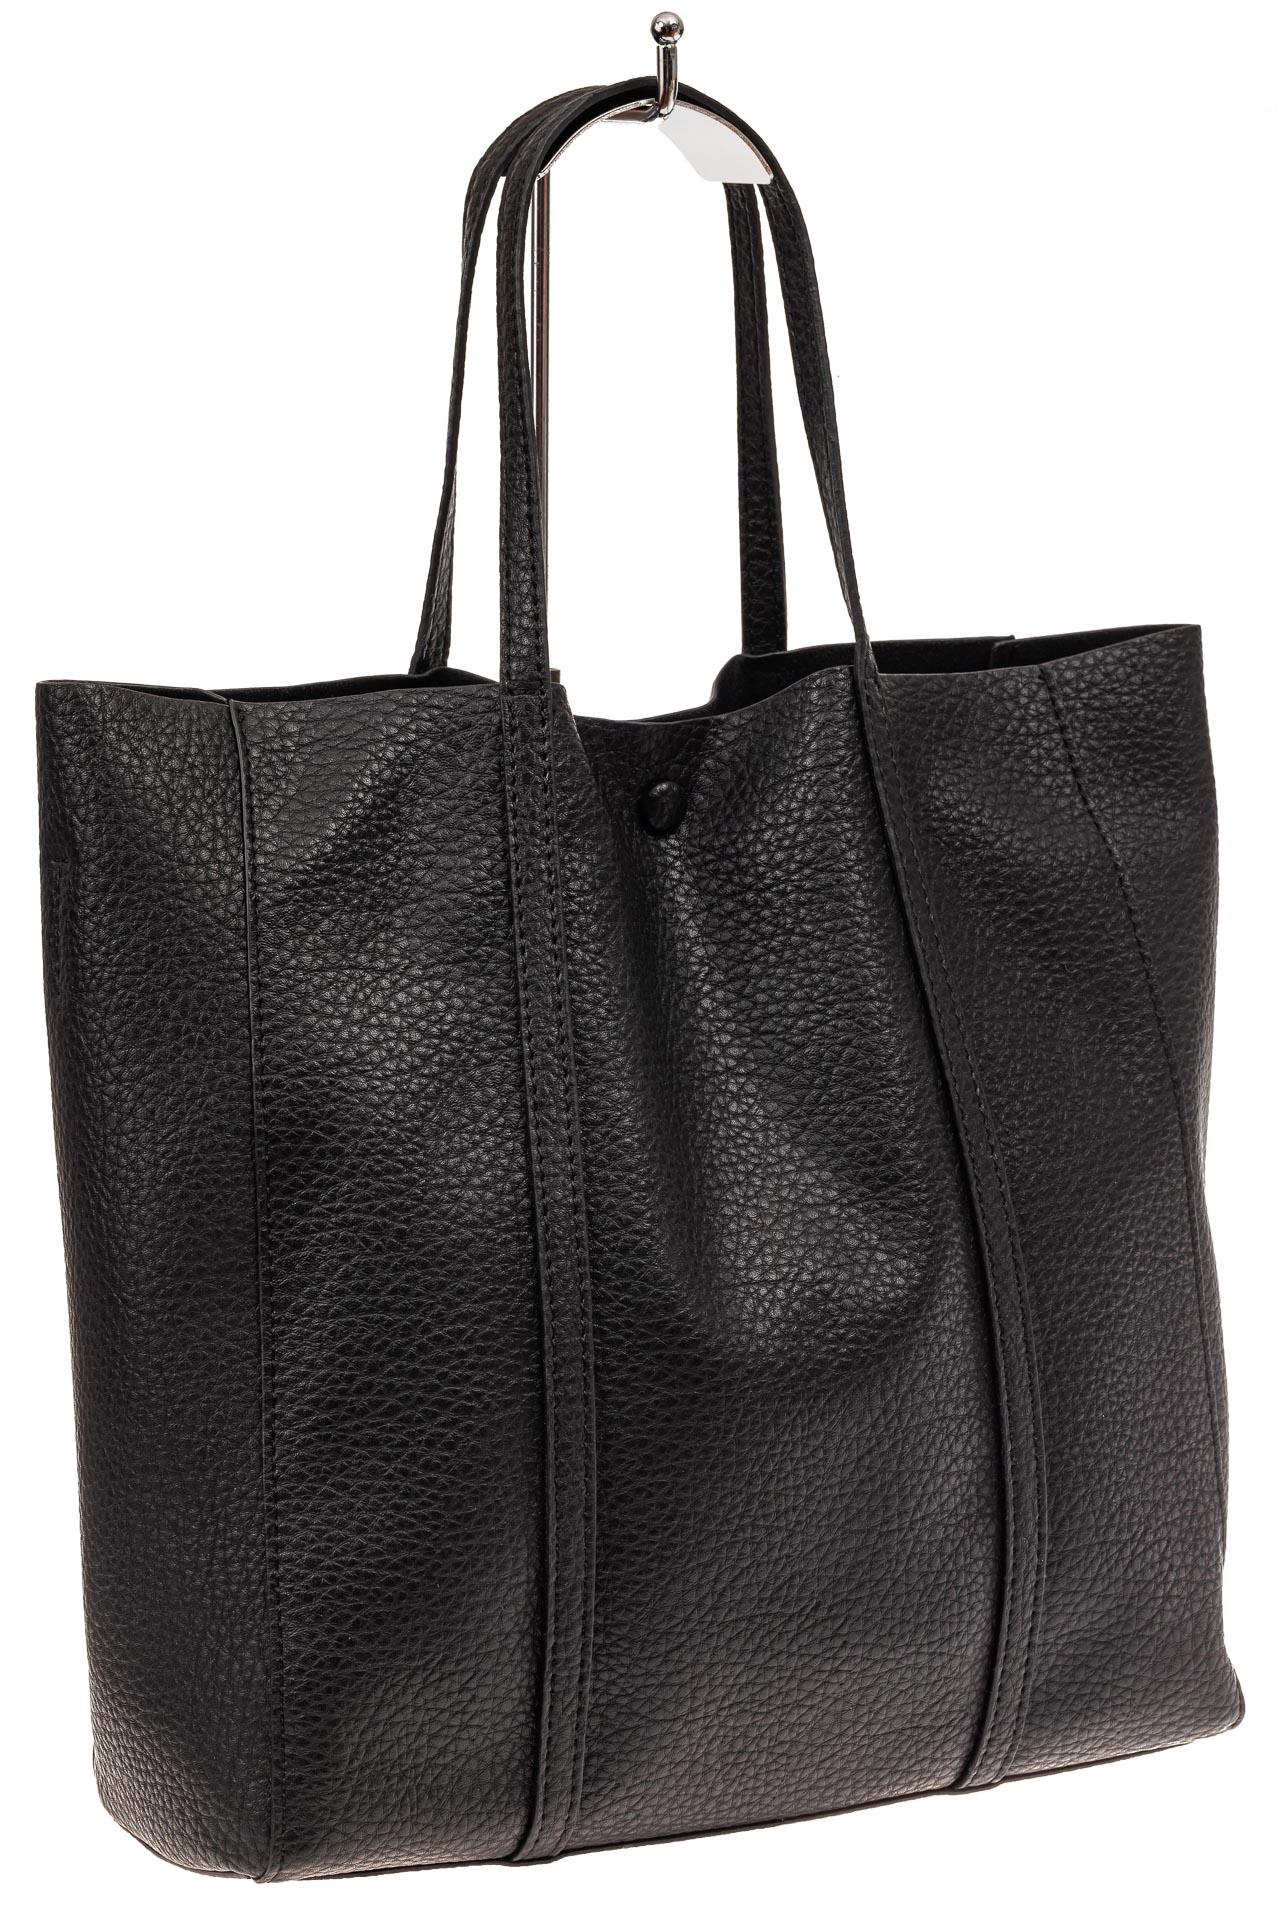 Сумка женская шоппер из натуральной кожи, цвет черный882NK1219/1